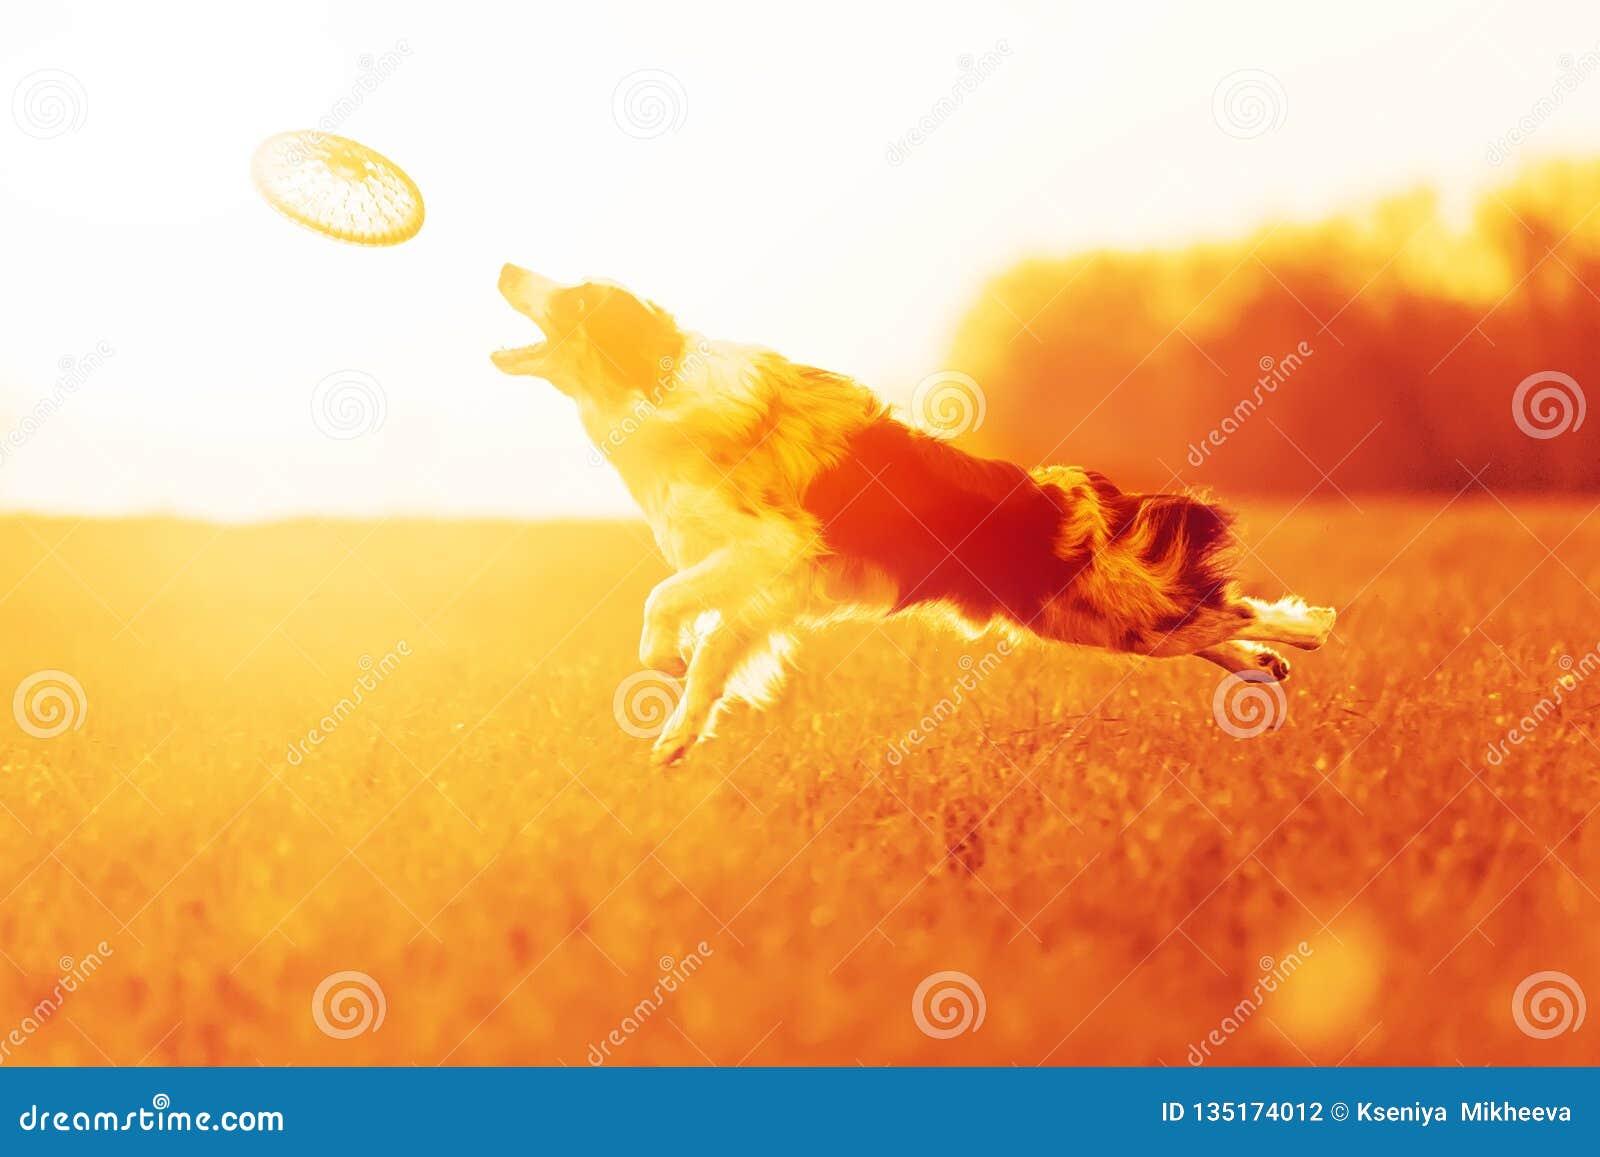 Salto de border collie do cão de Mramar dentro ao céu no campo